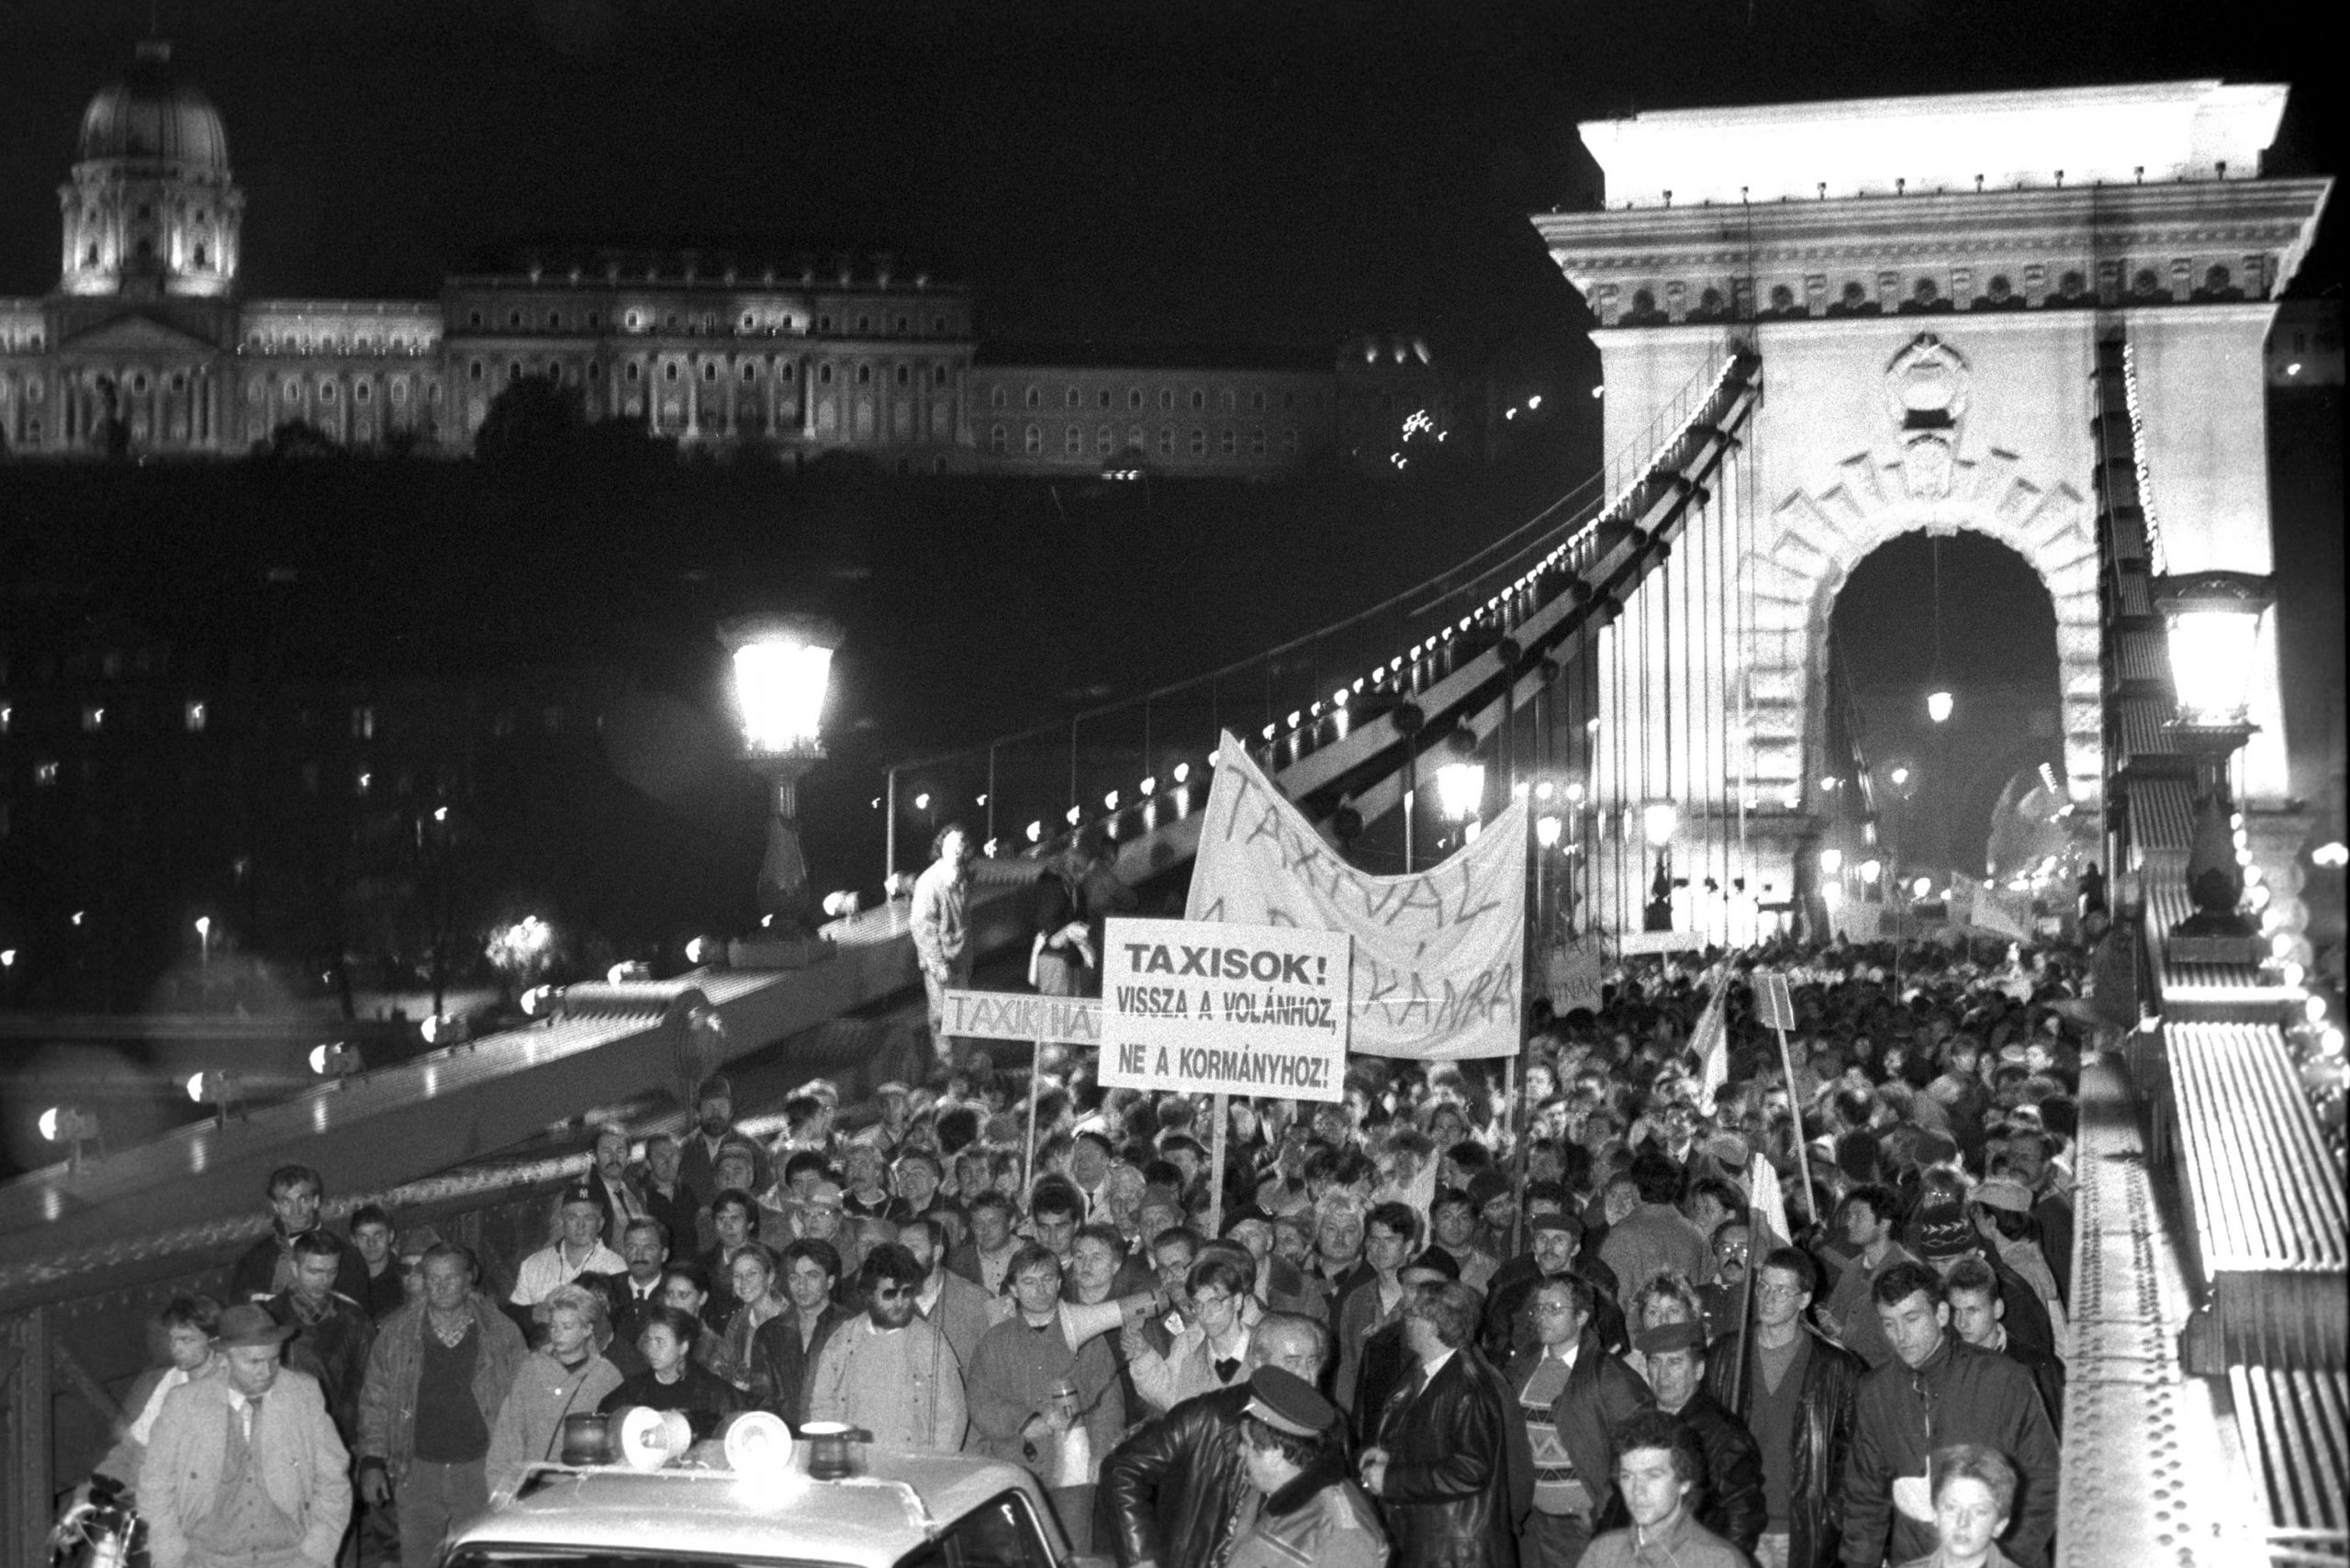 Budapest, 1990. október 28. Az ország életét megbénító taxisblokád ellen tüntetők menete a Lánchídon 1990. október 28-án / MTI Fotó: Mónos Gábor